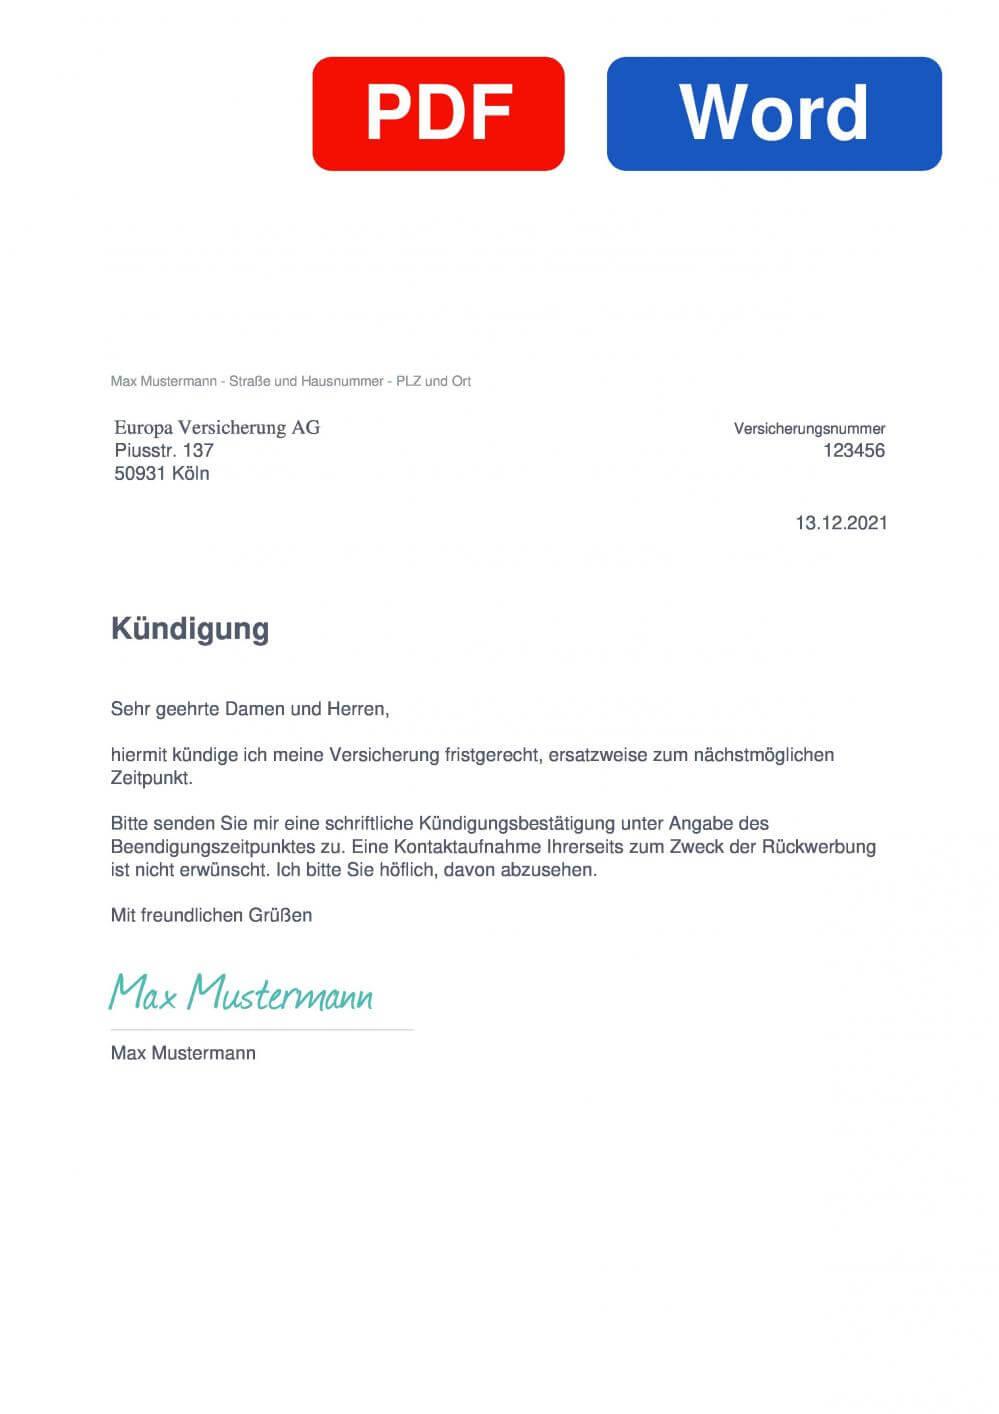 Deutsche Internet Versicherung Muster Vorlage für Kündigungsschreiben